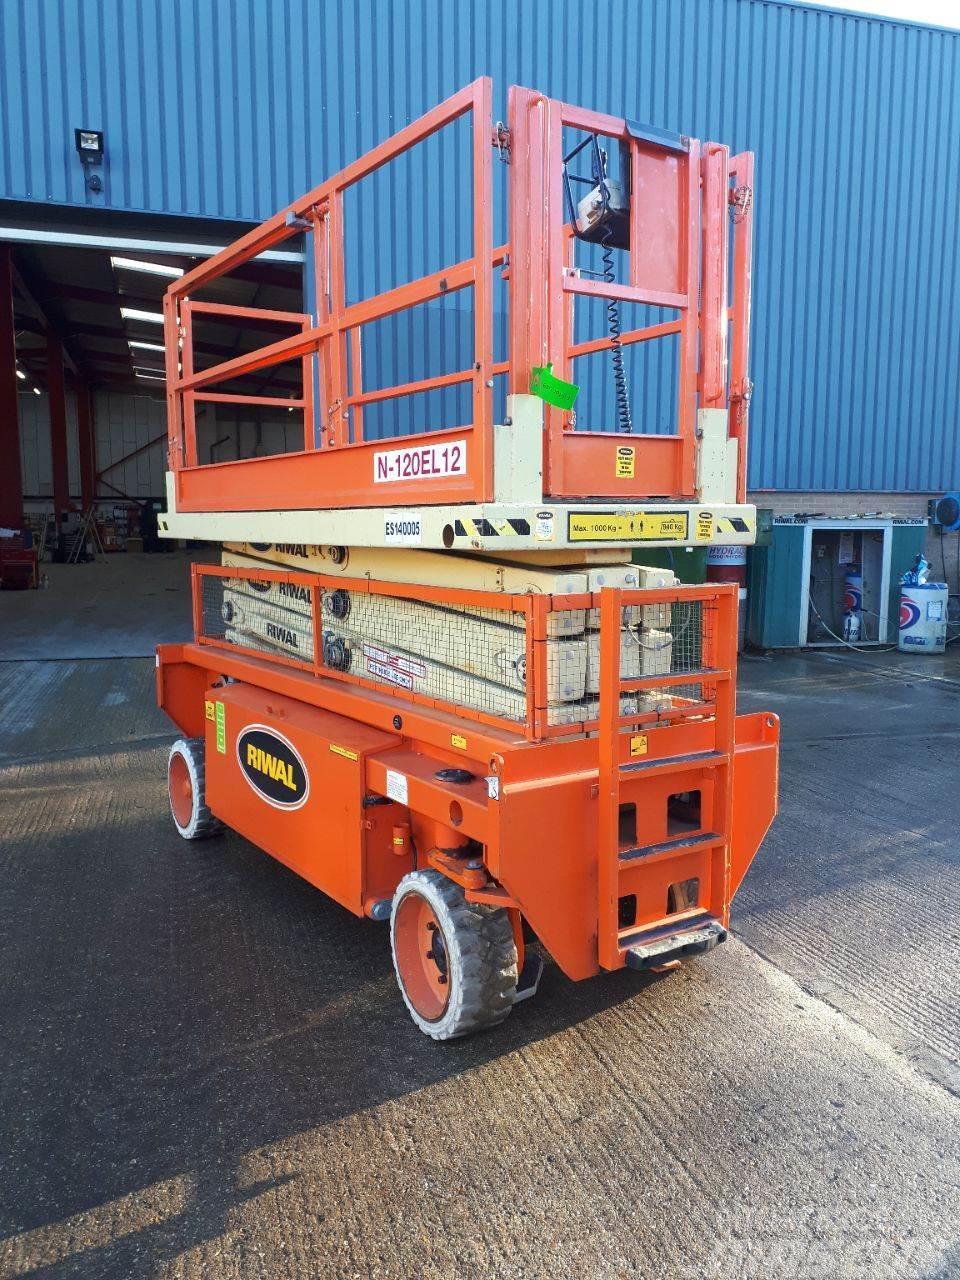 Holland Lift N120EL12